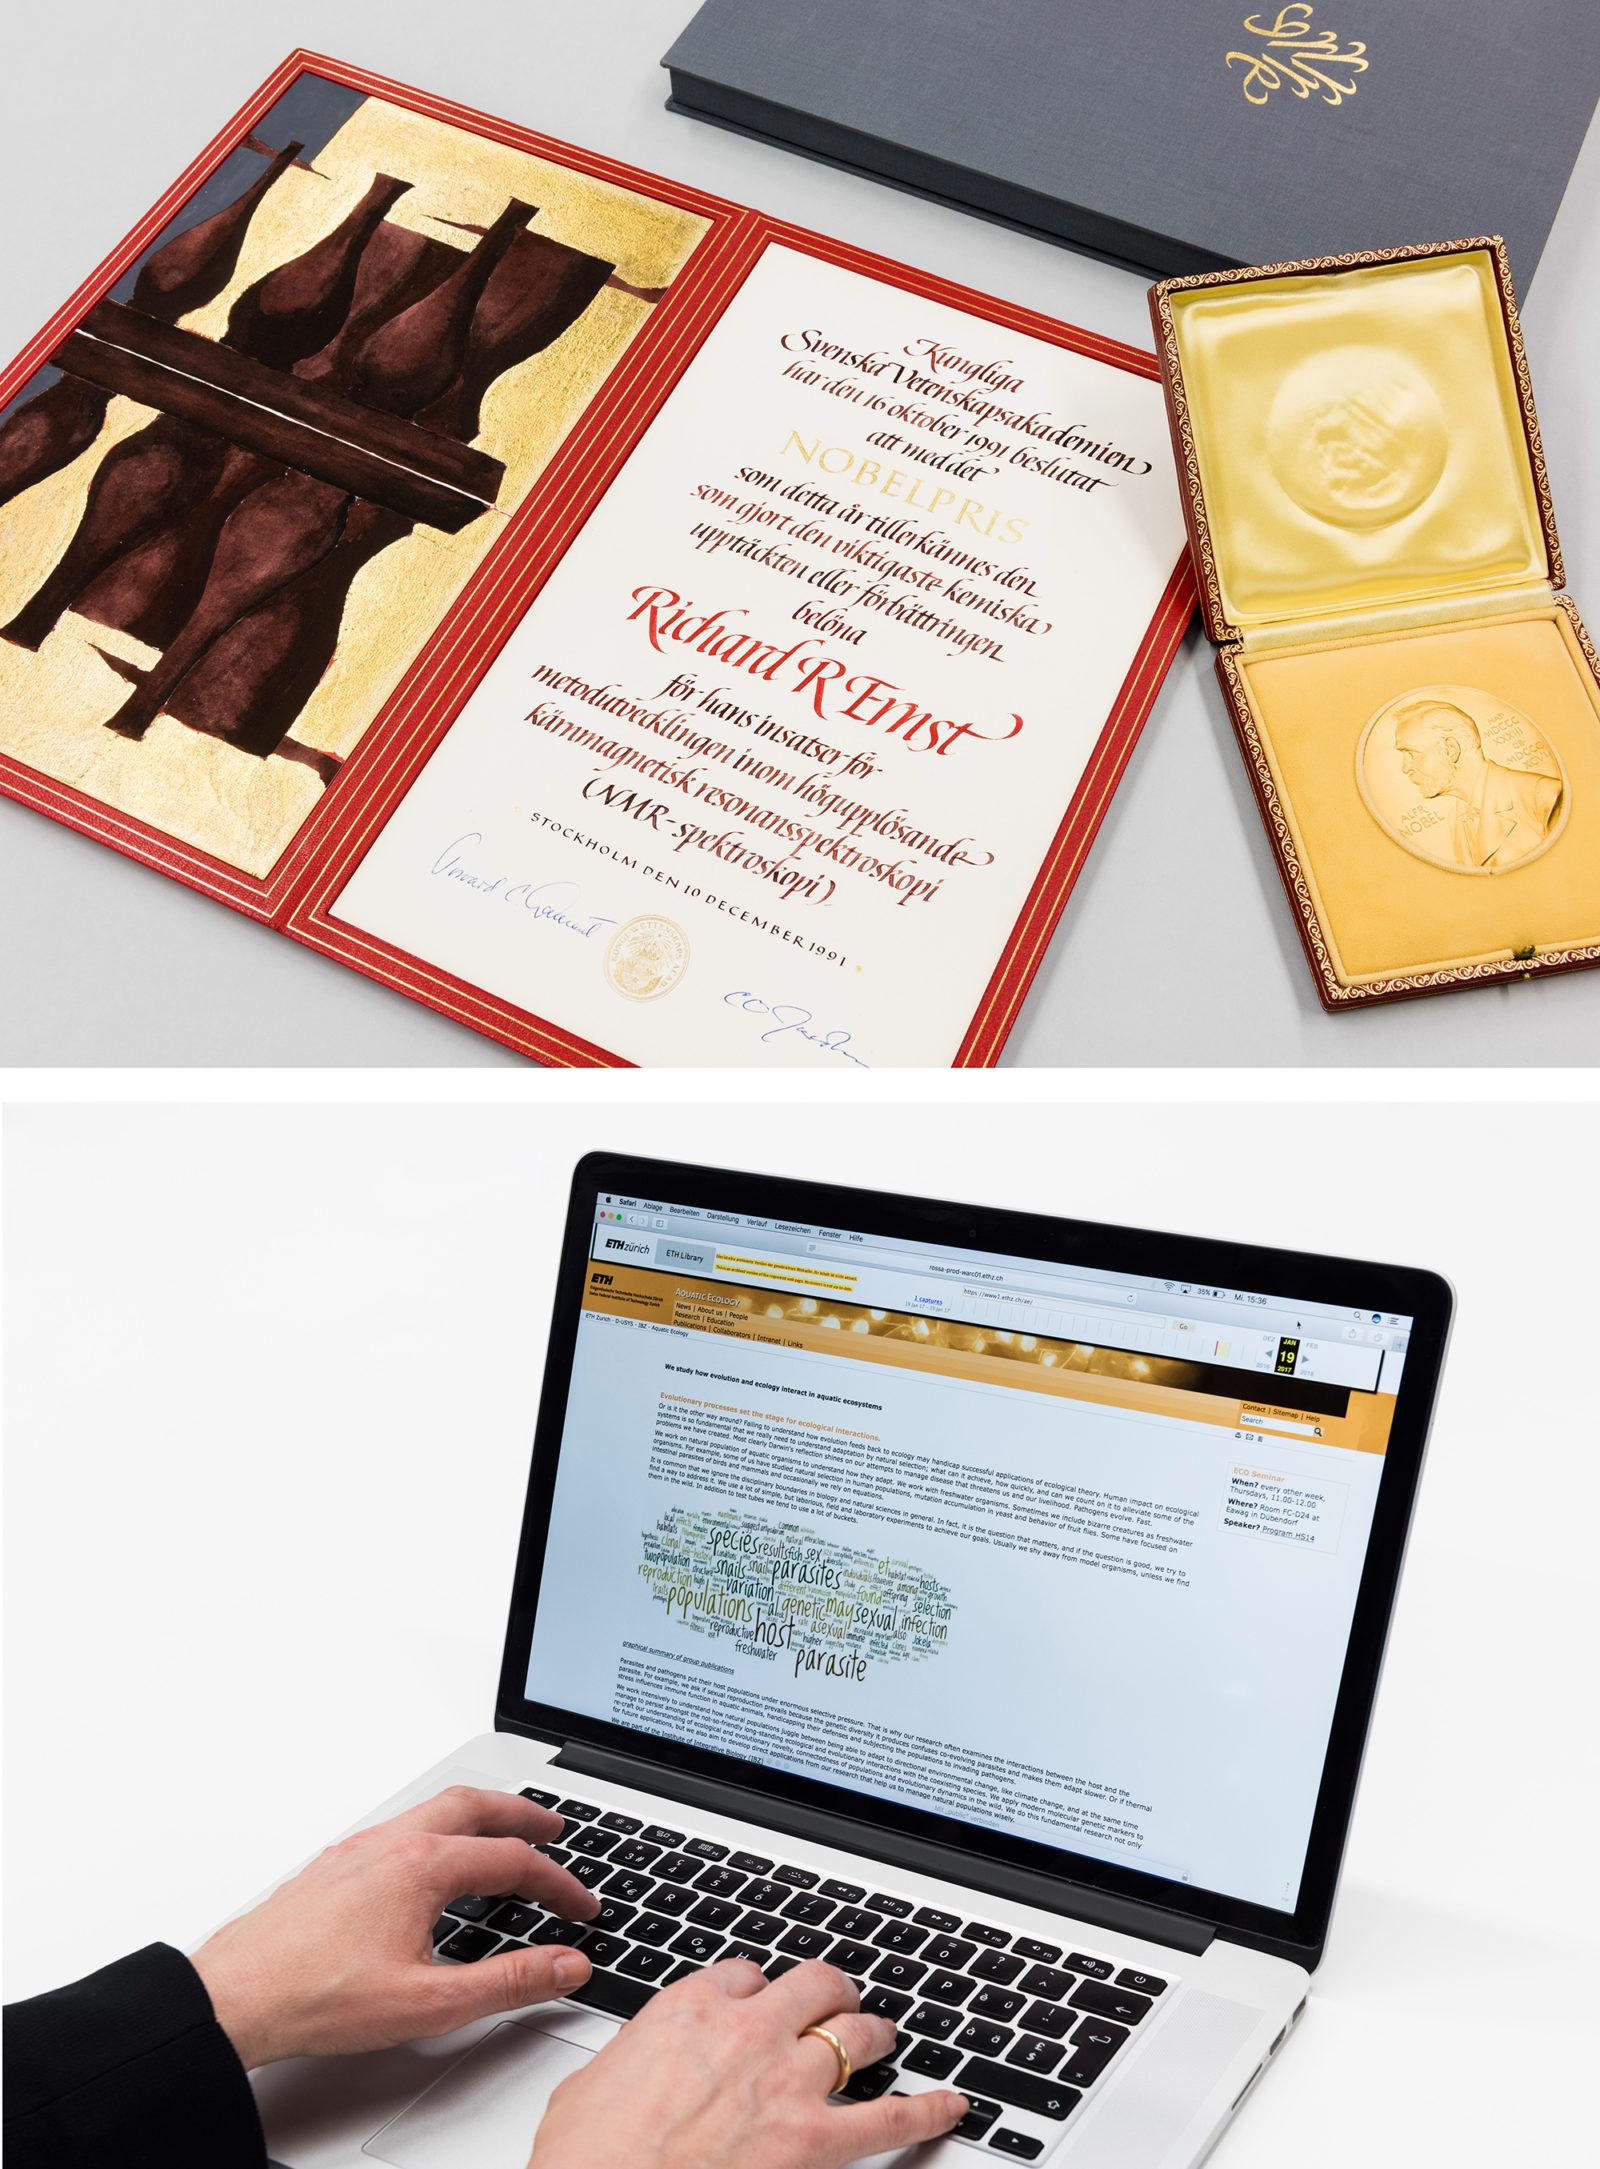 Sichern Sie Ihr CV sowie Ihre Publikationslisten und Auszeichnungen